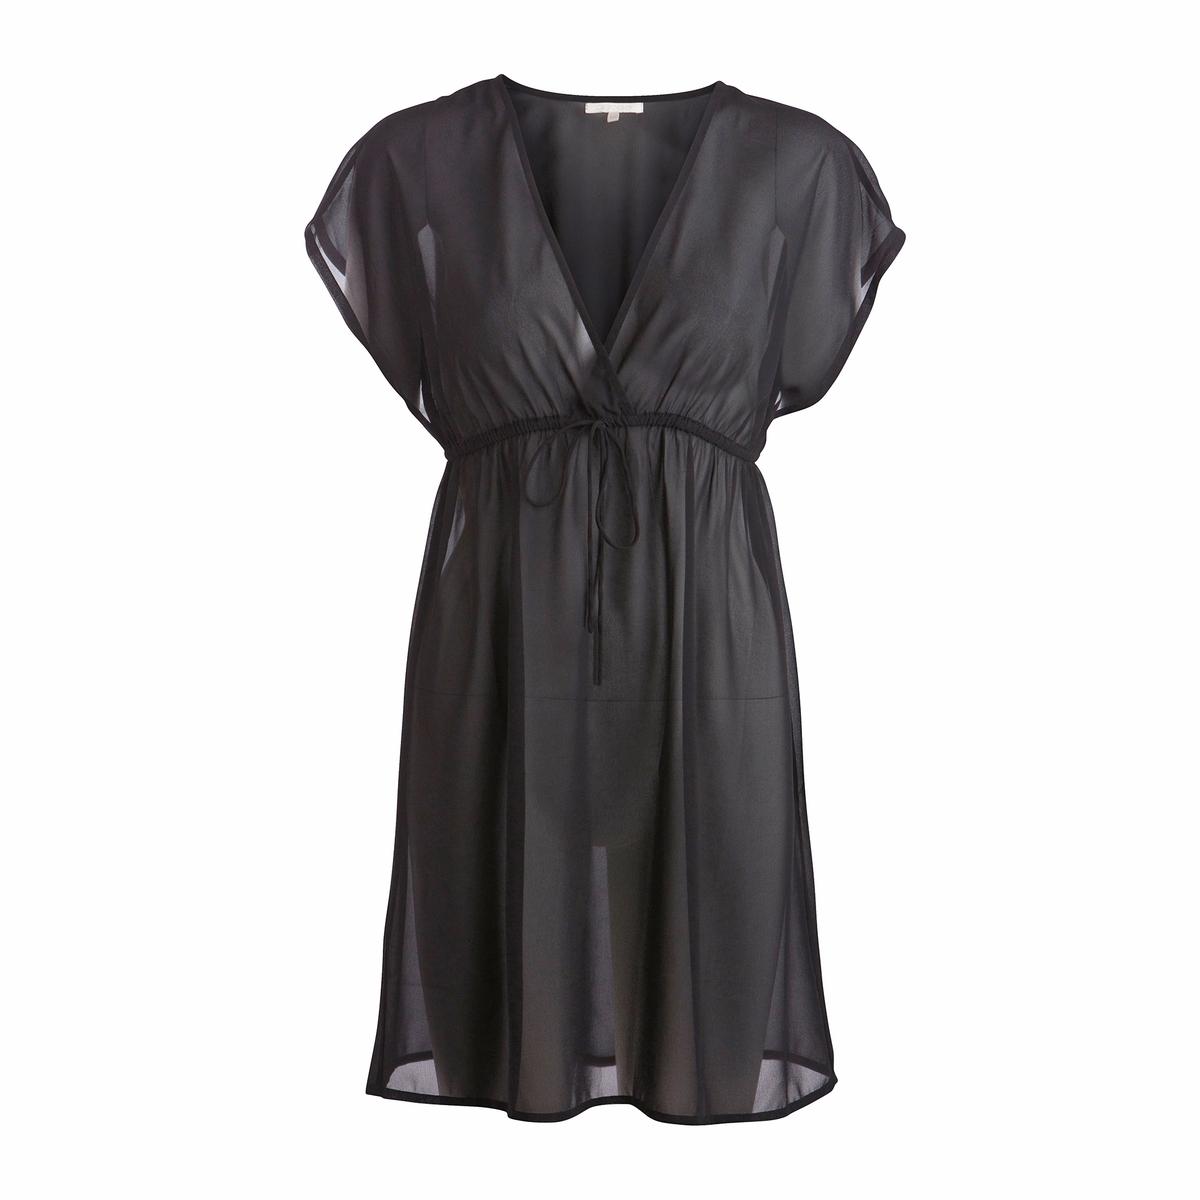 Платье PCTRUDA SS KAFTANПлатье  PCTRUDA SS KAFTAN . Платье расклешенное свободного покроя.  Струящийся полупрозрачный материал в этническом стиле. Короткие рукава.  Шнурок на завязках под грудью. Состав и описание:Материал: 100% полиэстер.Марка: -.<br><br>Цвет: черный